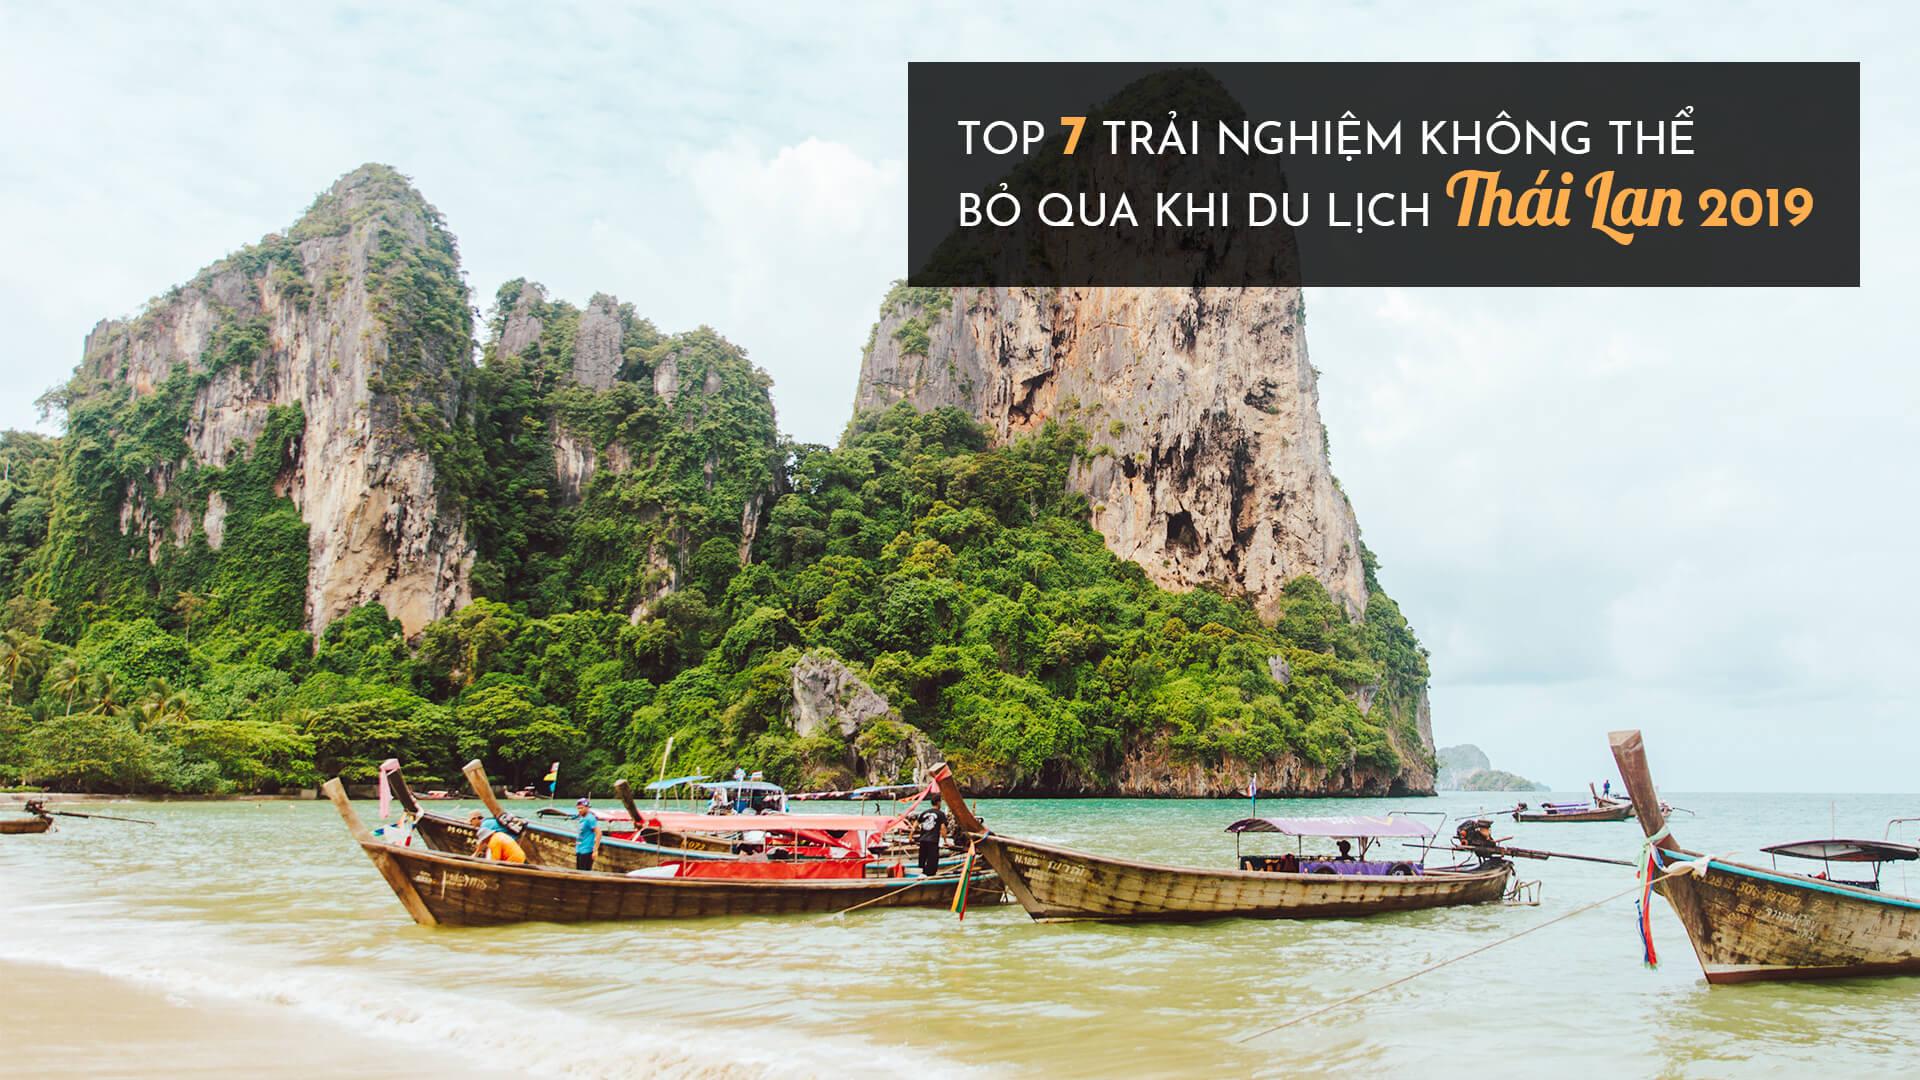 Top 7 trải nghiệm không thể bỏ qua khi du lịch Thái Lan 2019